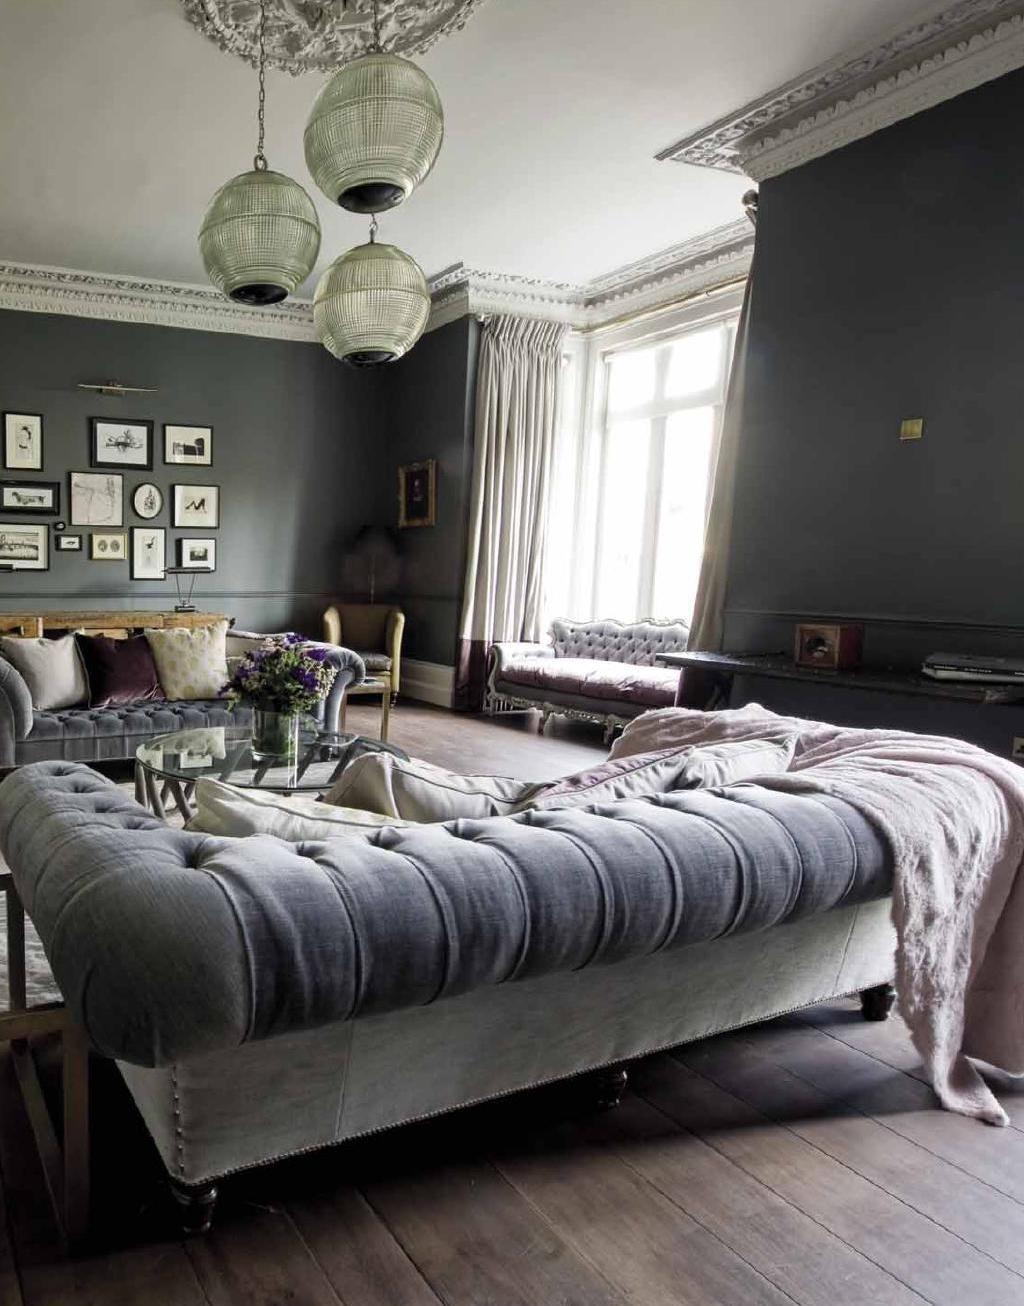 Better homes oct'15 dubai Home, Home bedroom, Better homes